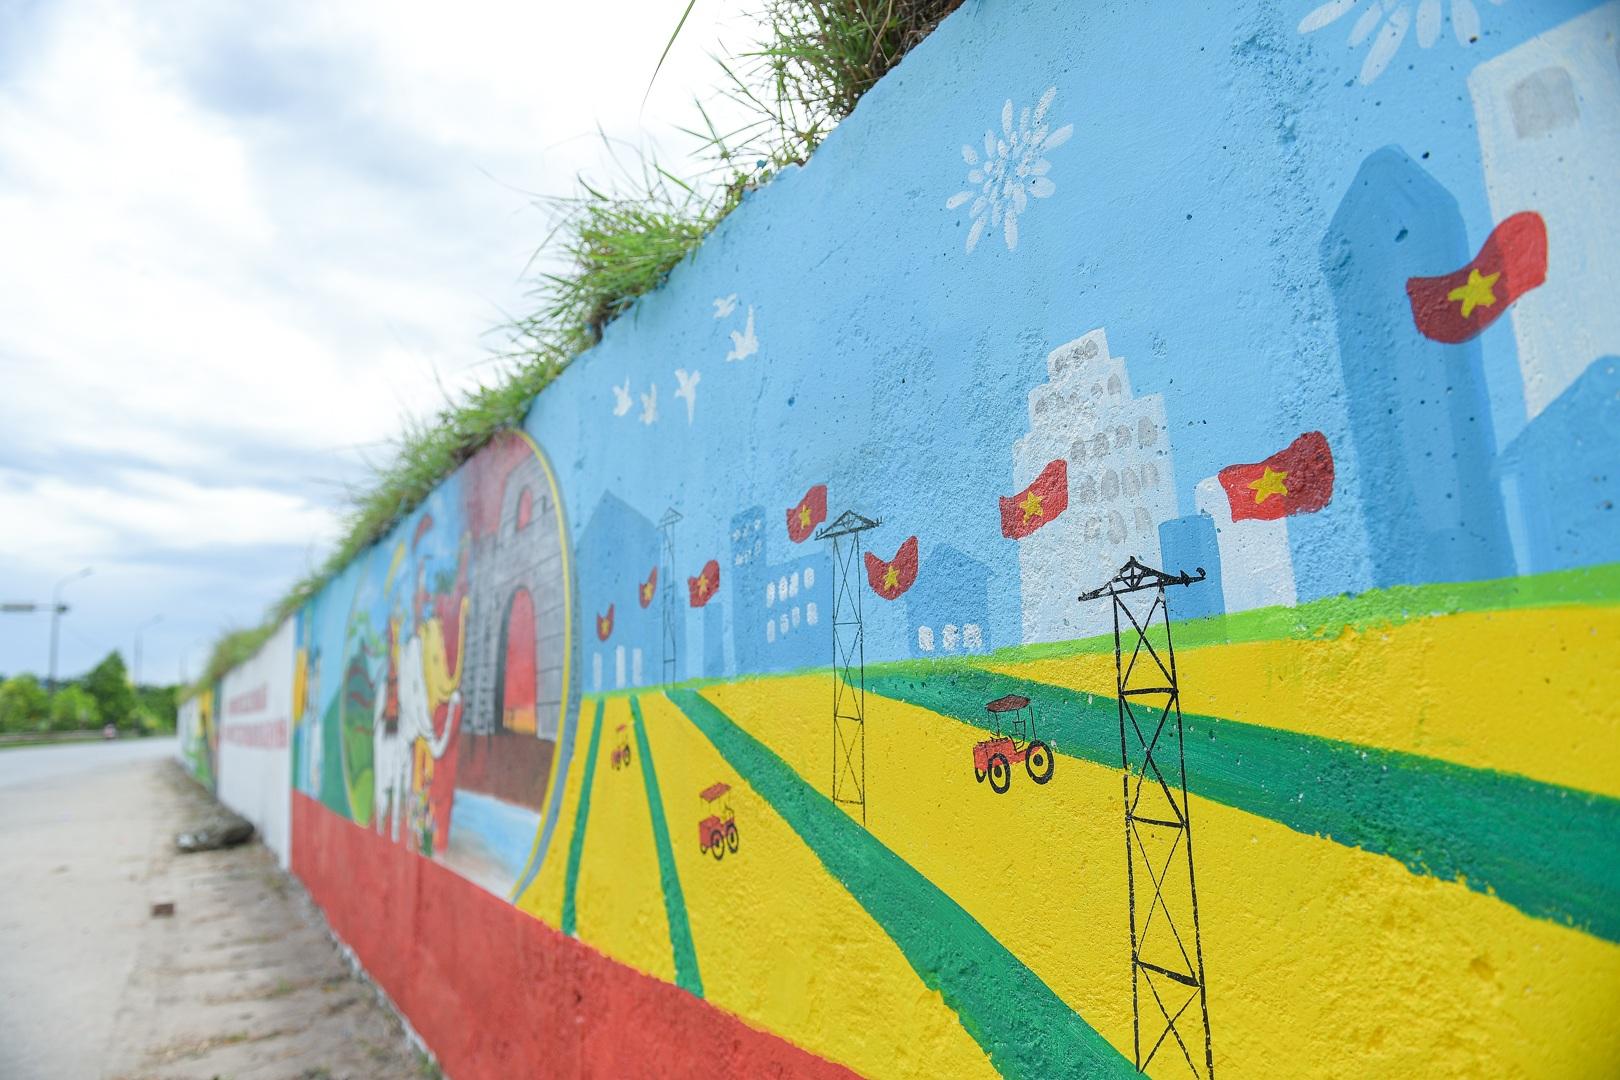 Con đường bích họa dài hơn 2 km ở ngoại thành Hà Nội - 15